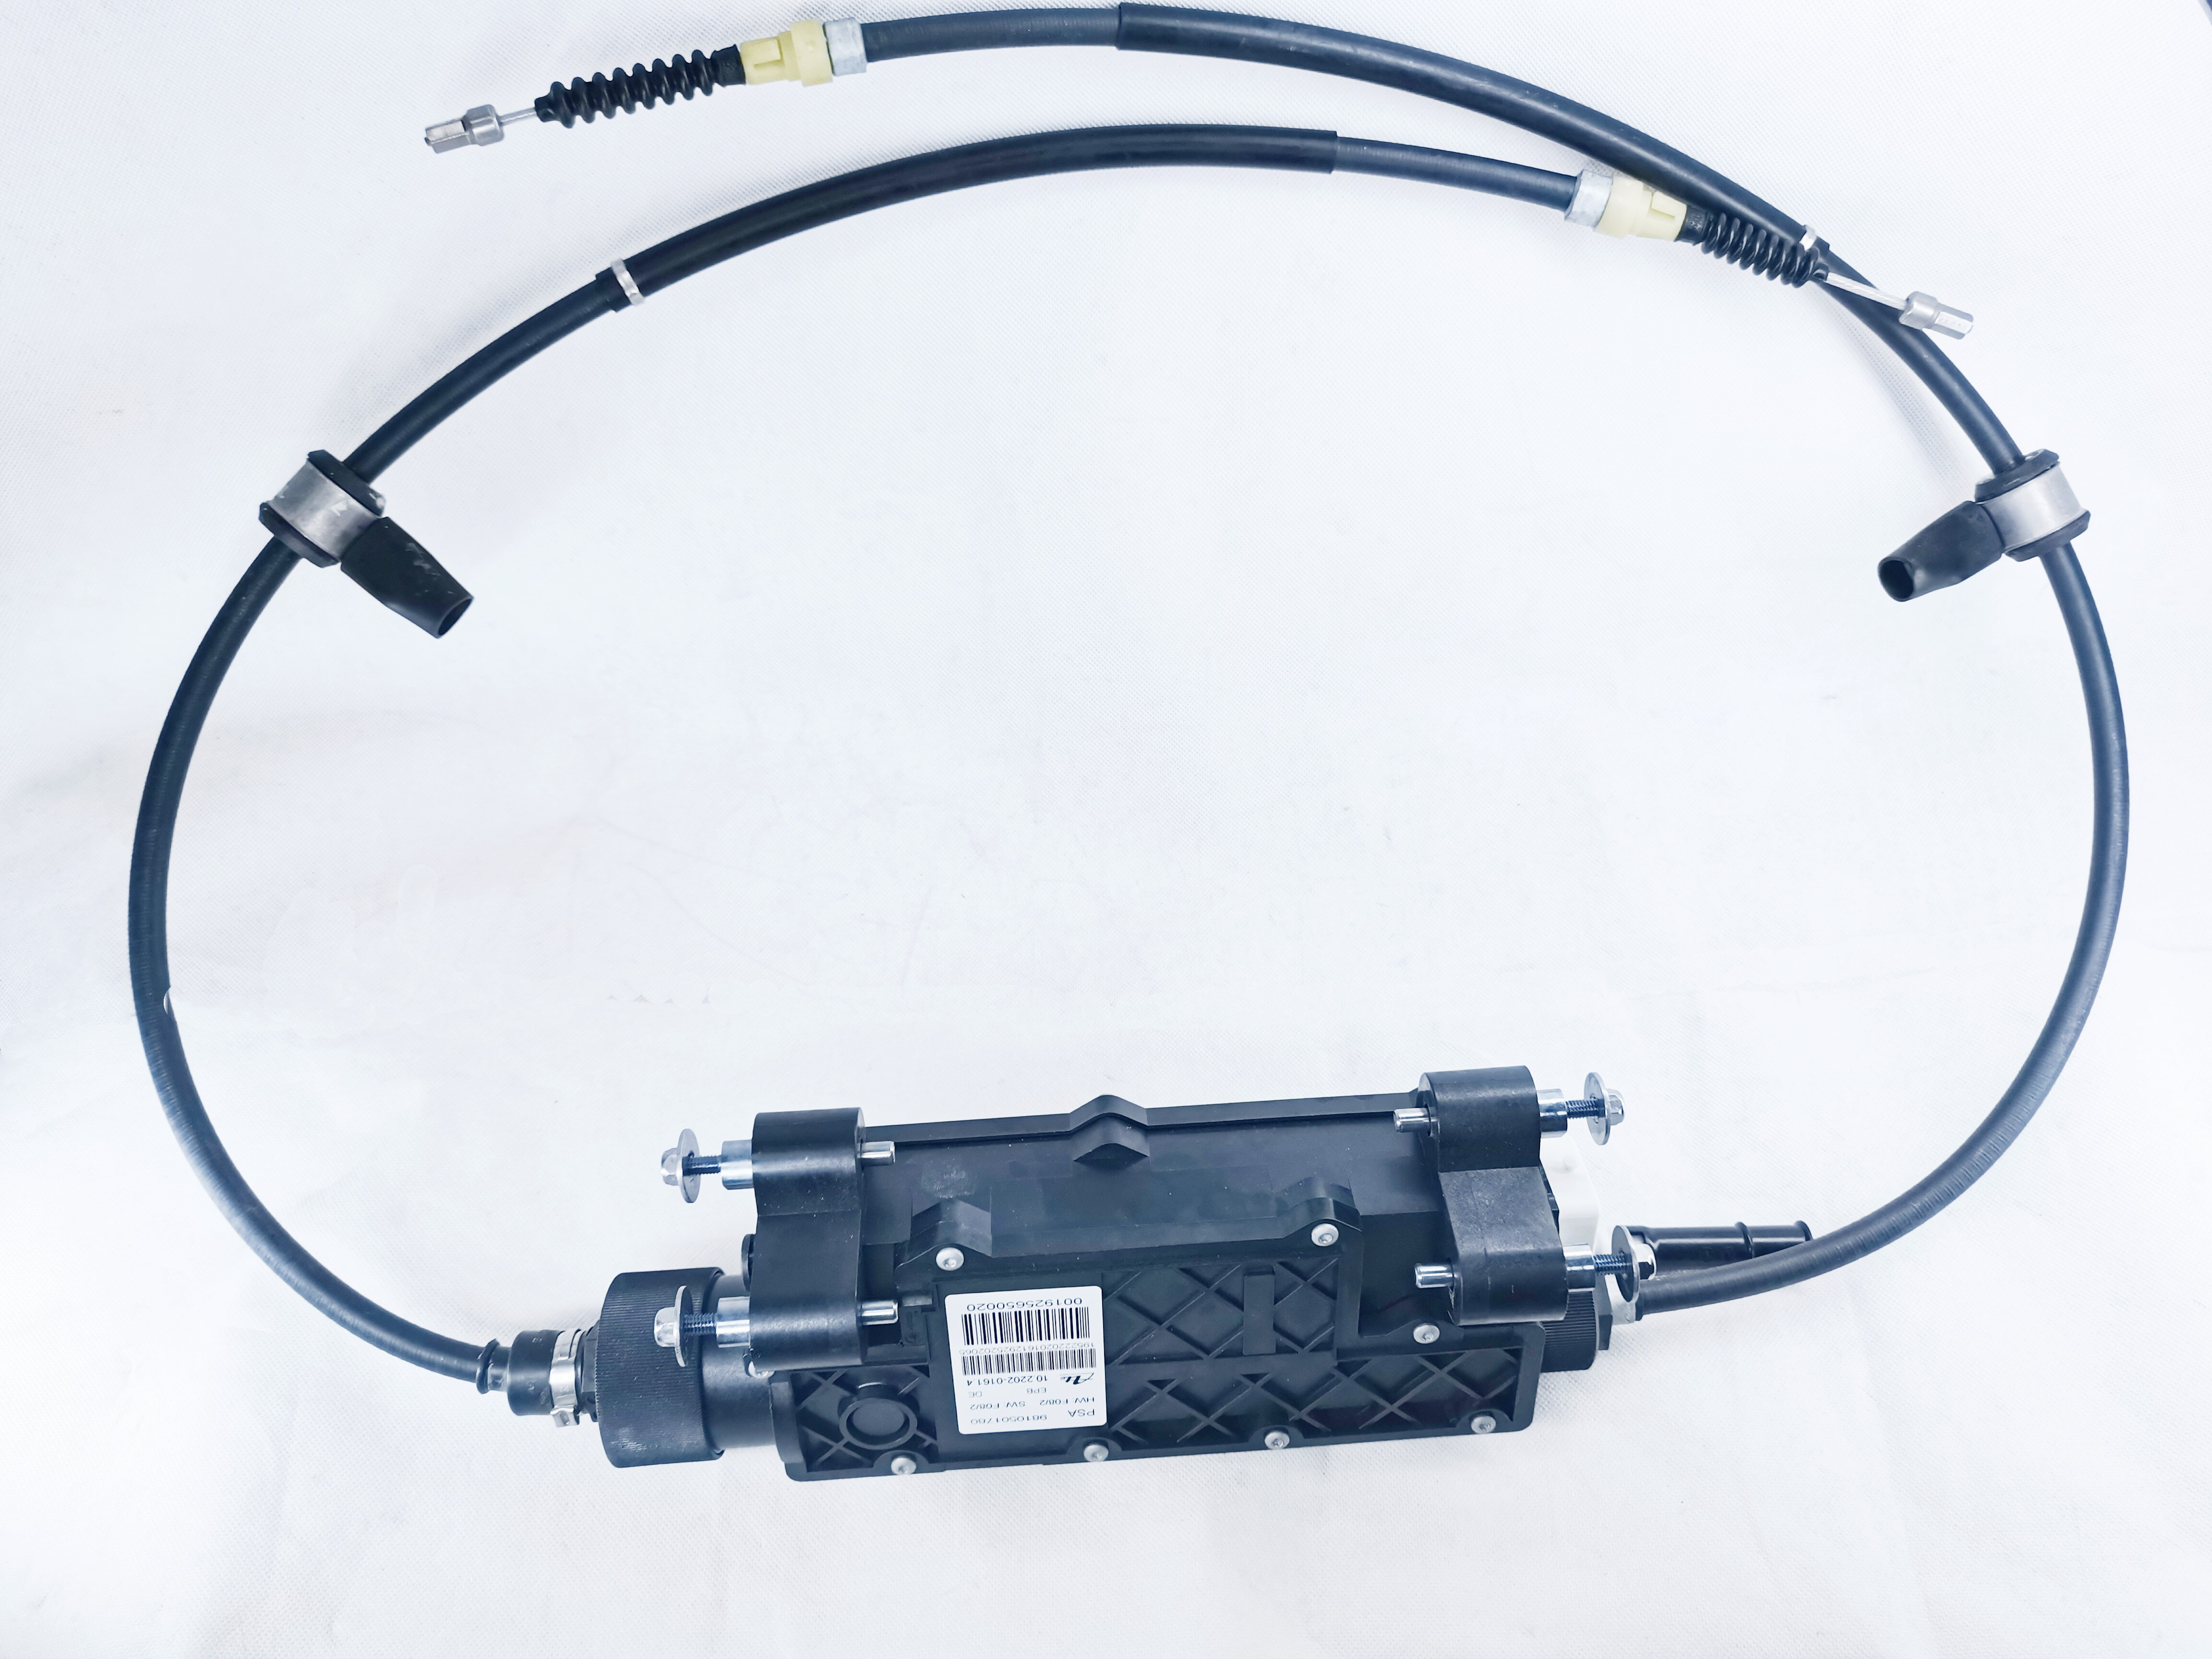 محرك الفرامل اليد 9810501780 1612865480 470218 لسيتروين C5 لبيجو 508 الأصلي PSA وقوف السيارات عنصر التحكم الفرامل